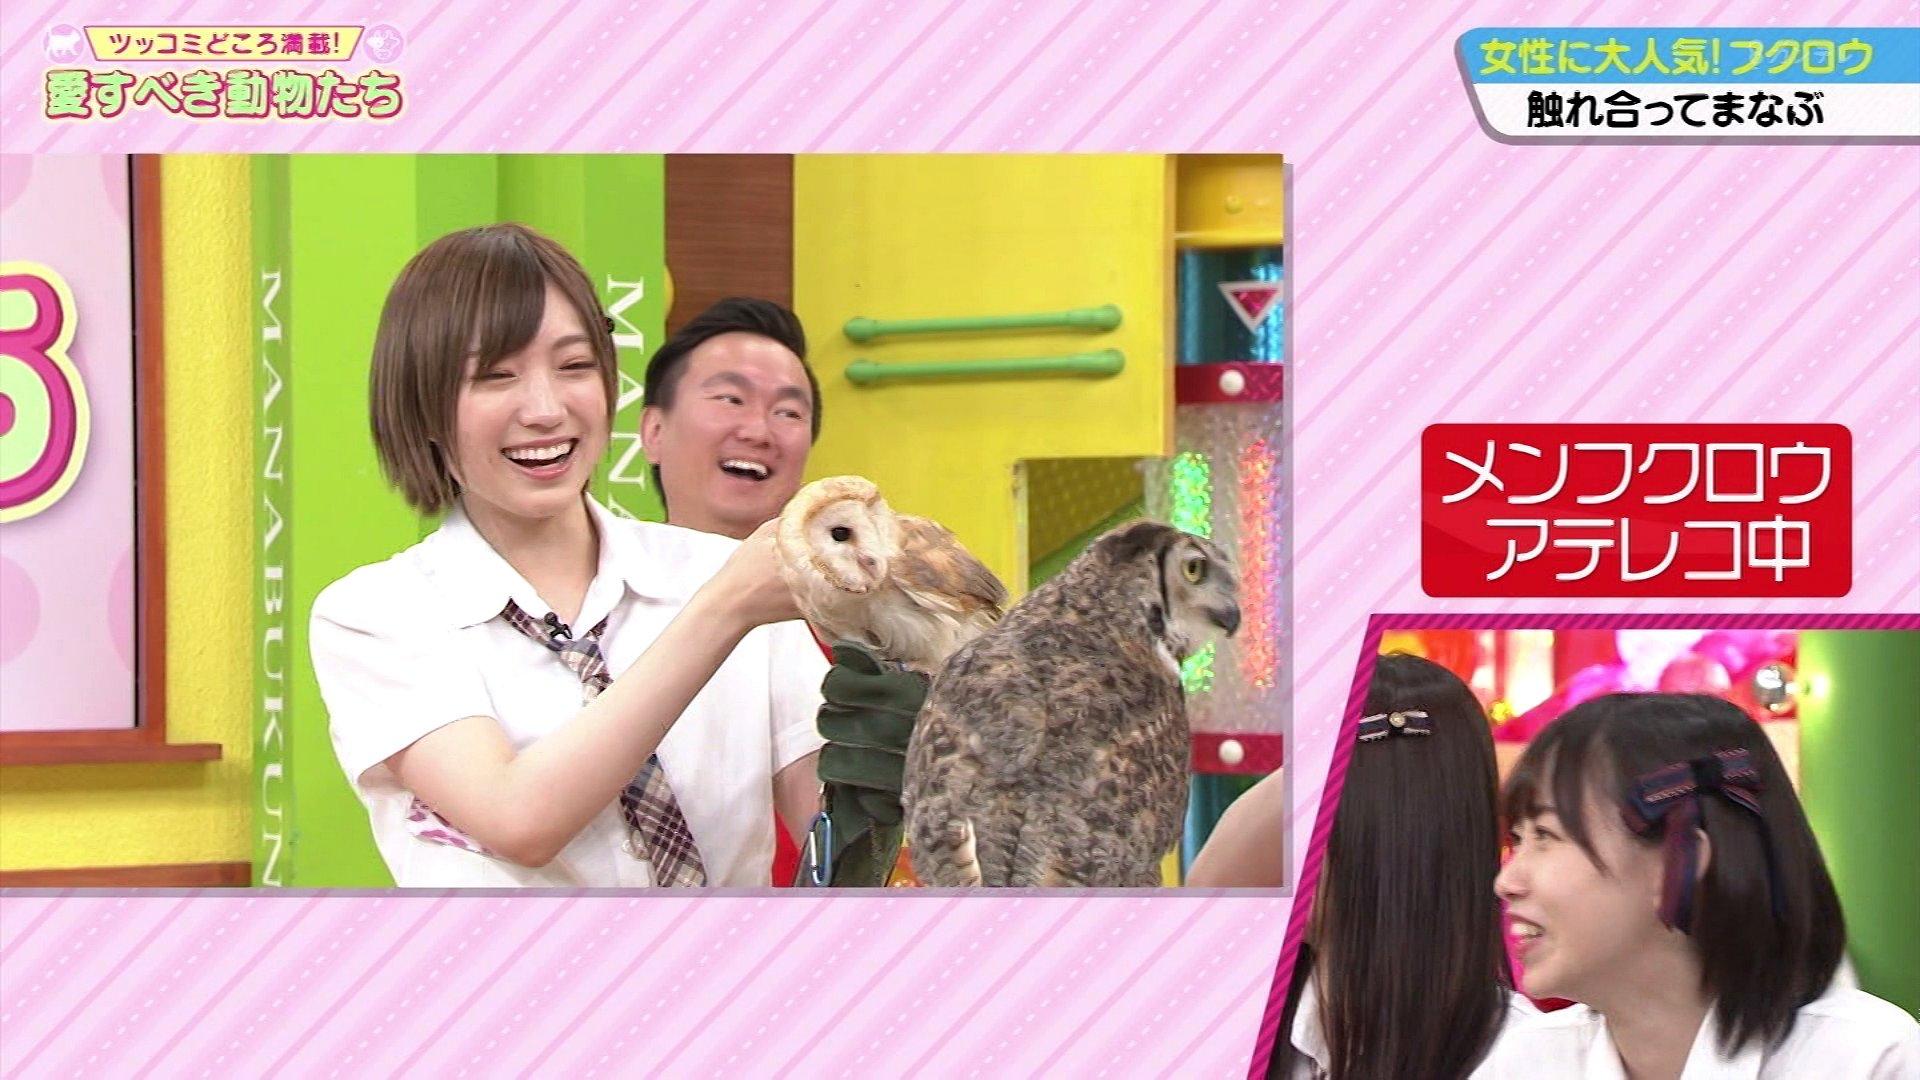 【NMB48】8月2日放送「NMBとまなぶくん」♯319の画像。アンタッチャブル柴田さんの動物授業